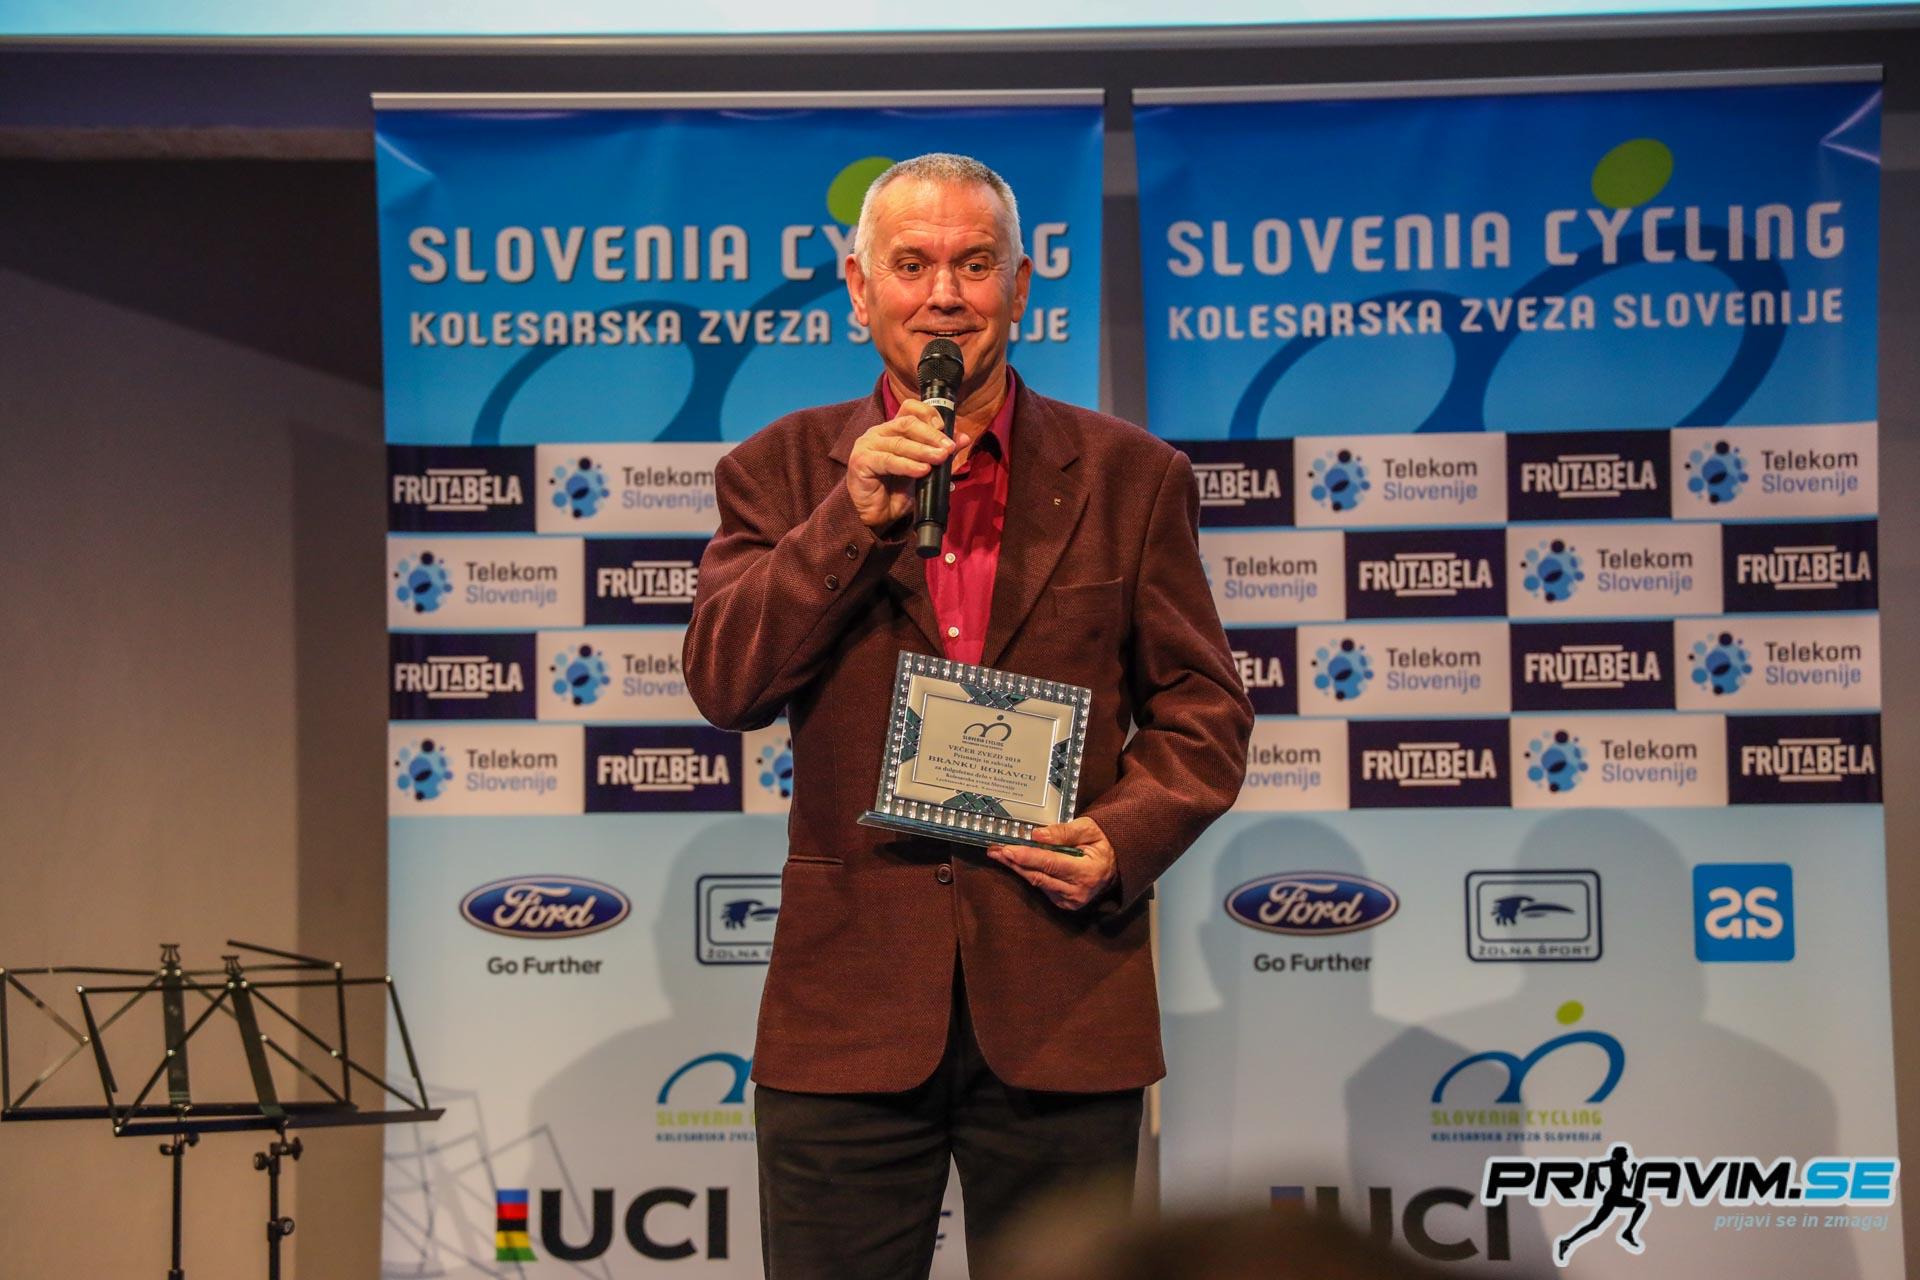 Branko Rokavec